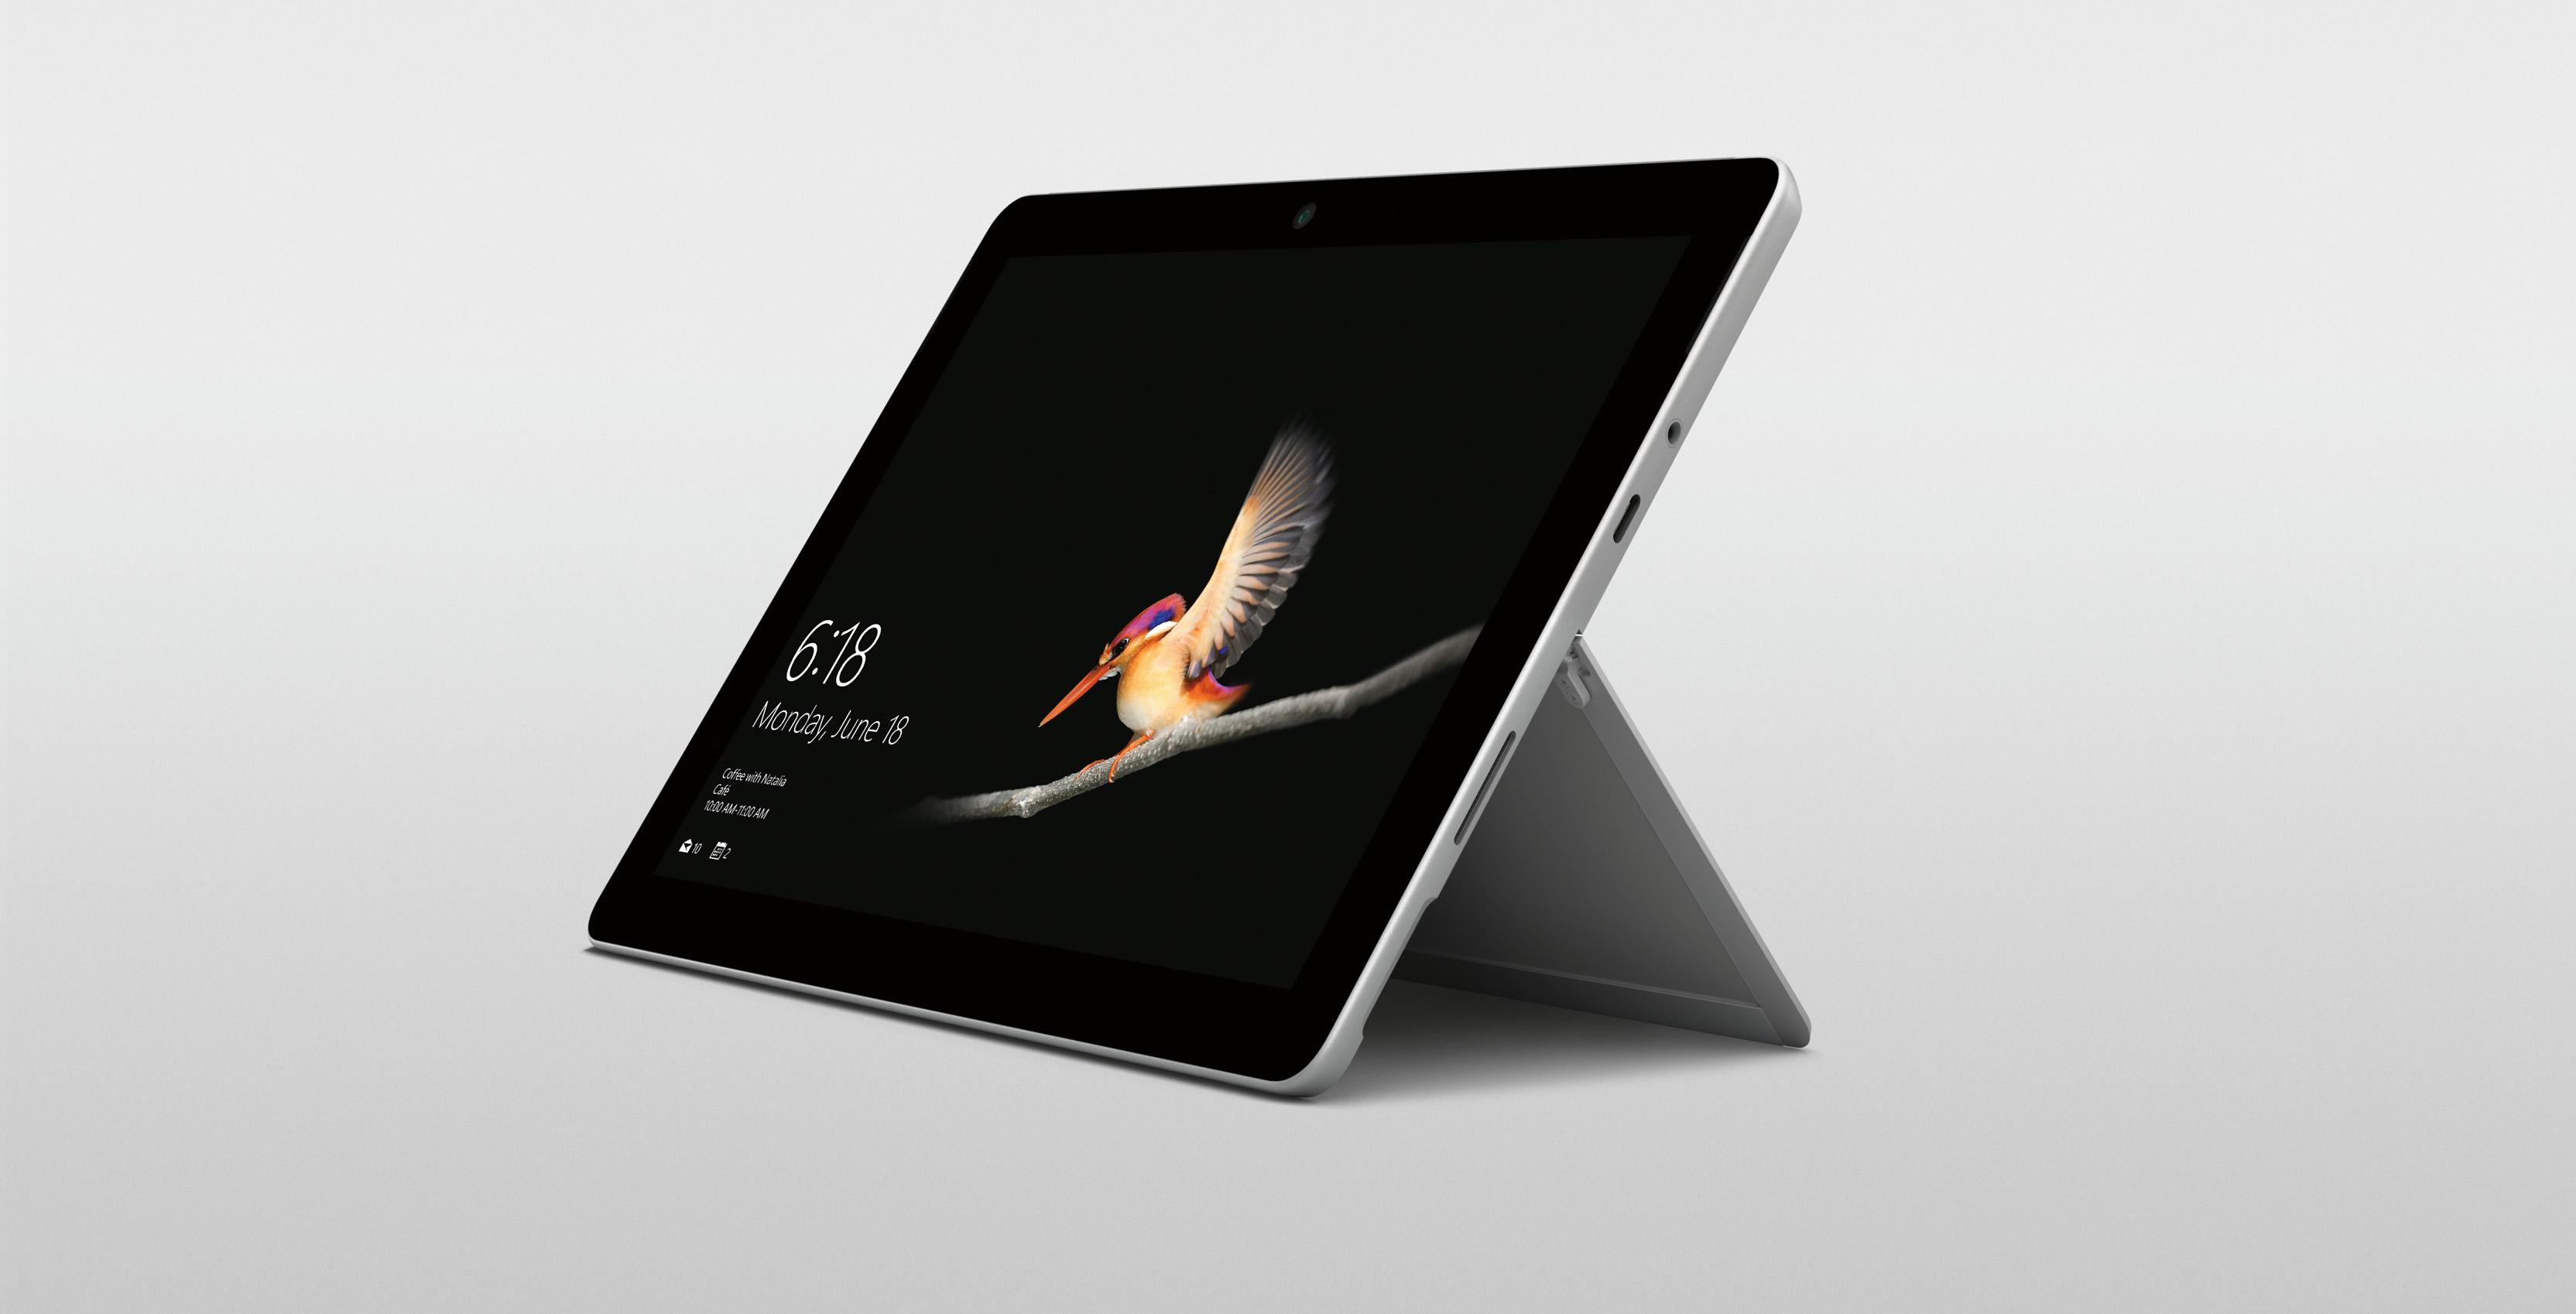 Microsoft lancia Surface Go, un nuovo tablet per la fascia economica